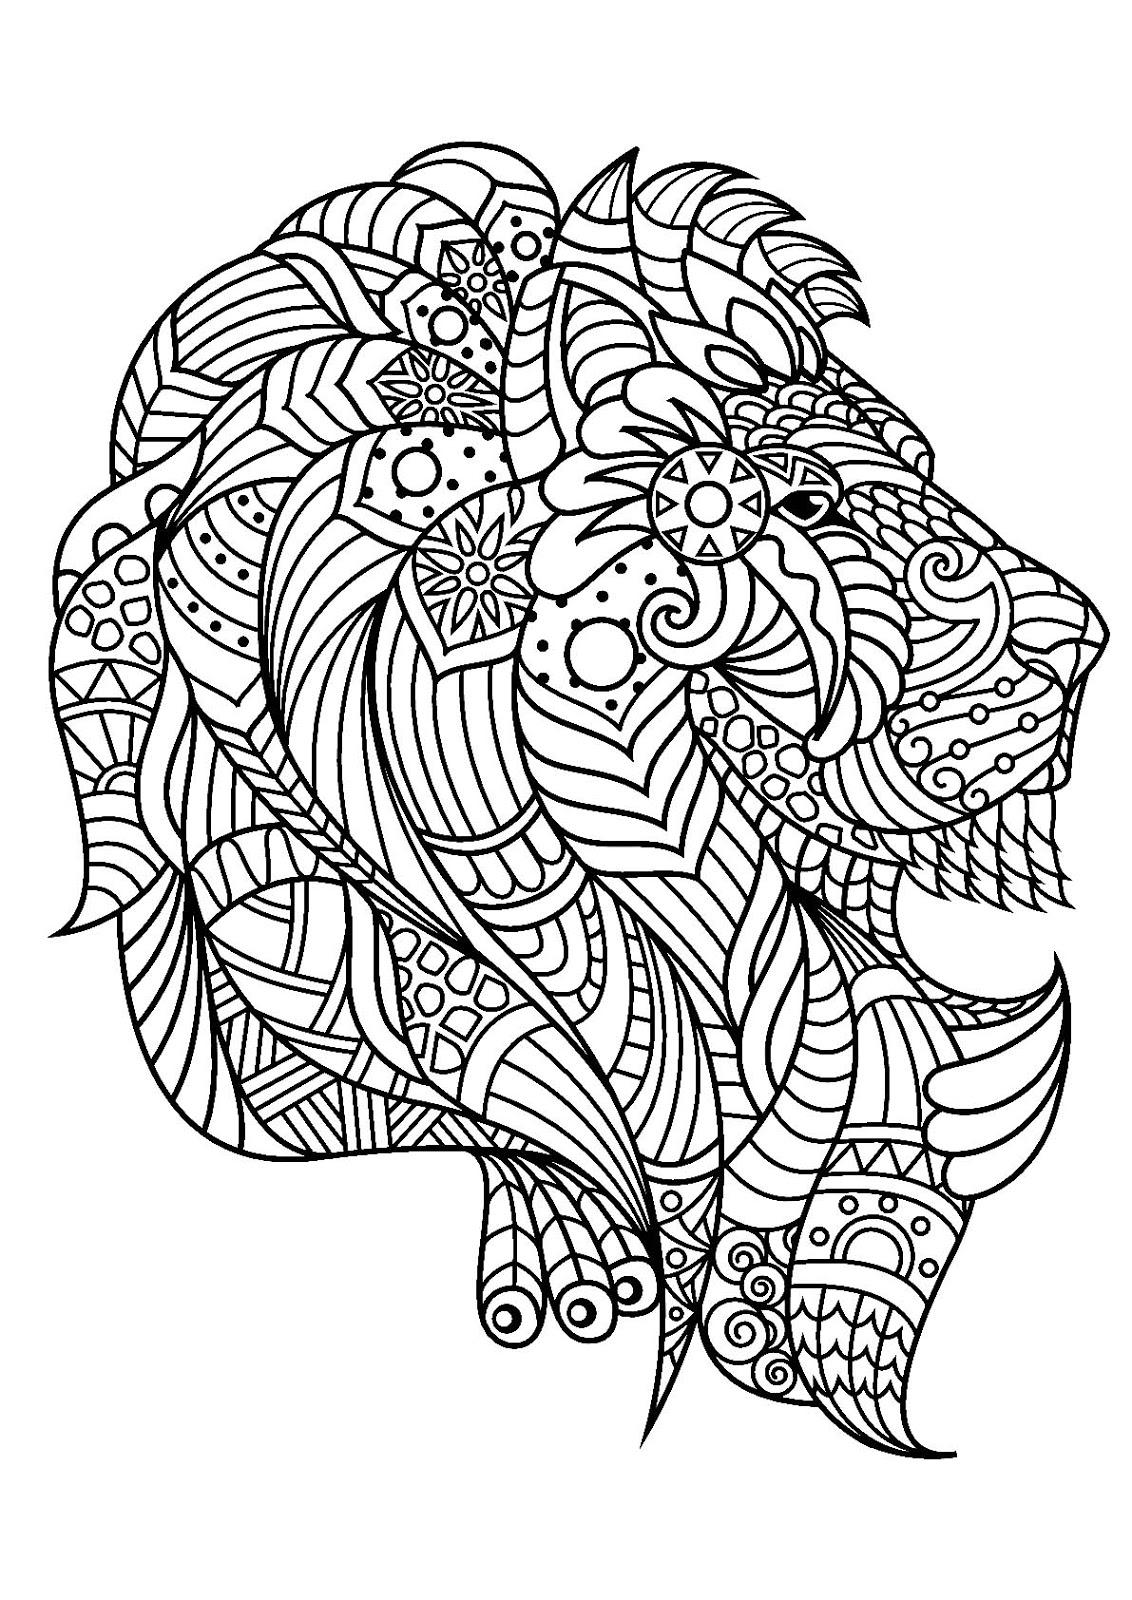 Tranh tô màu con sư tử trang trí họa tiết